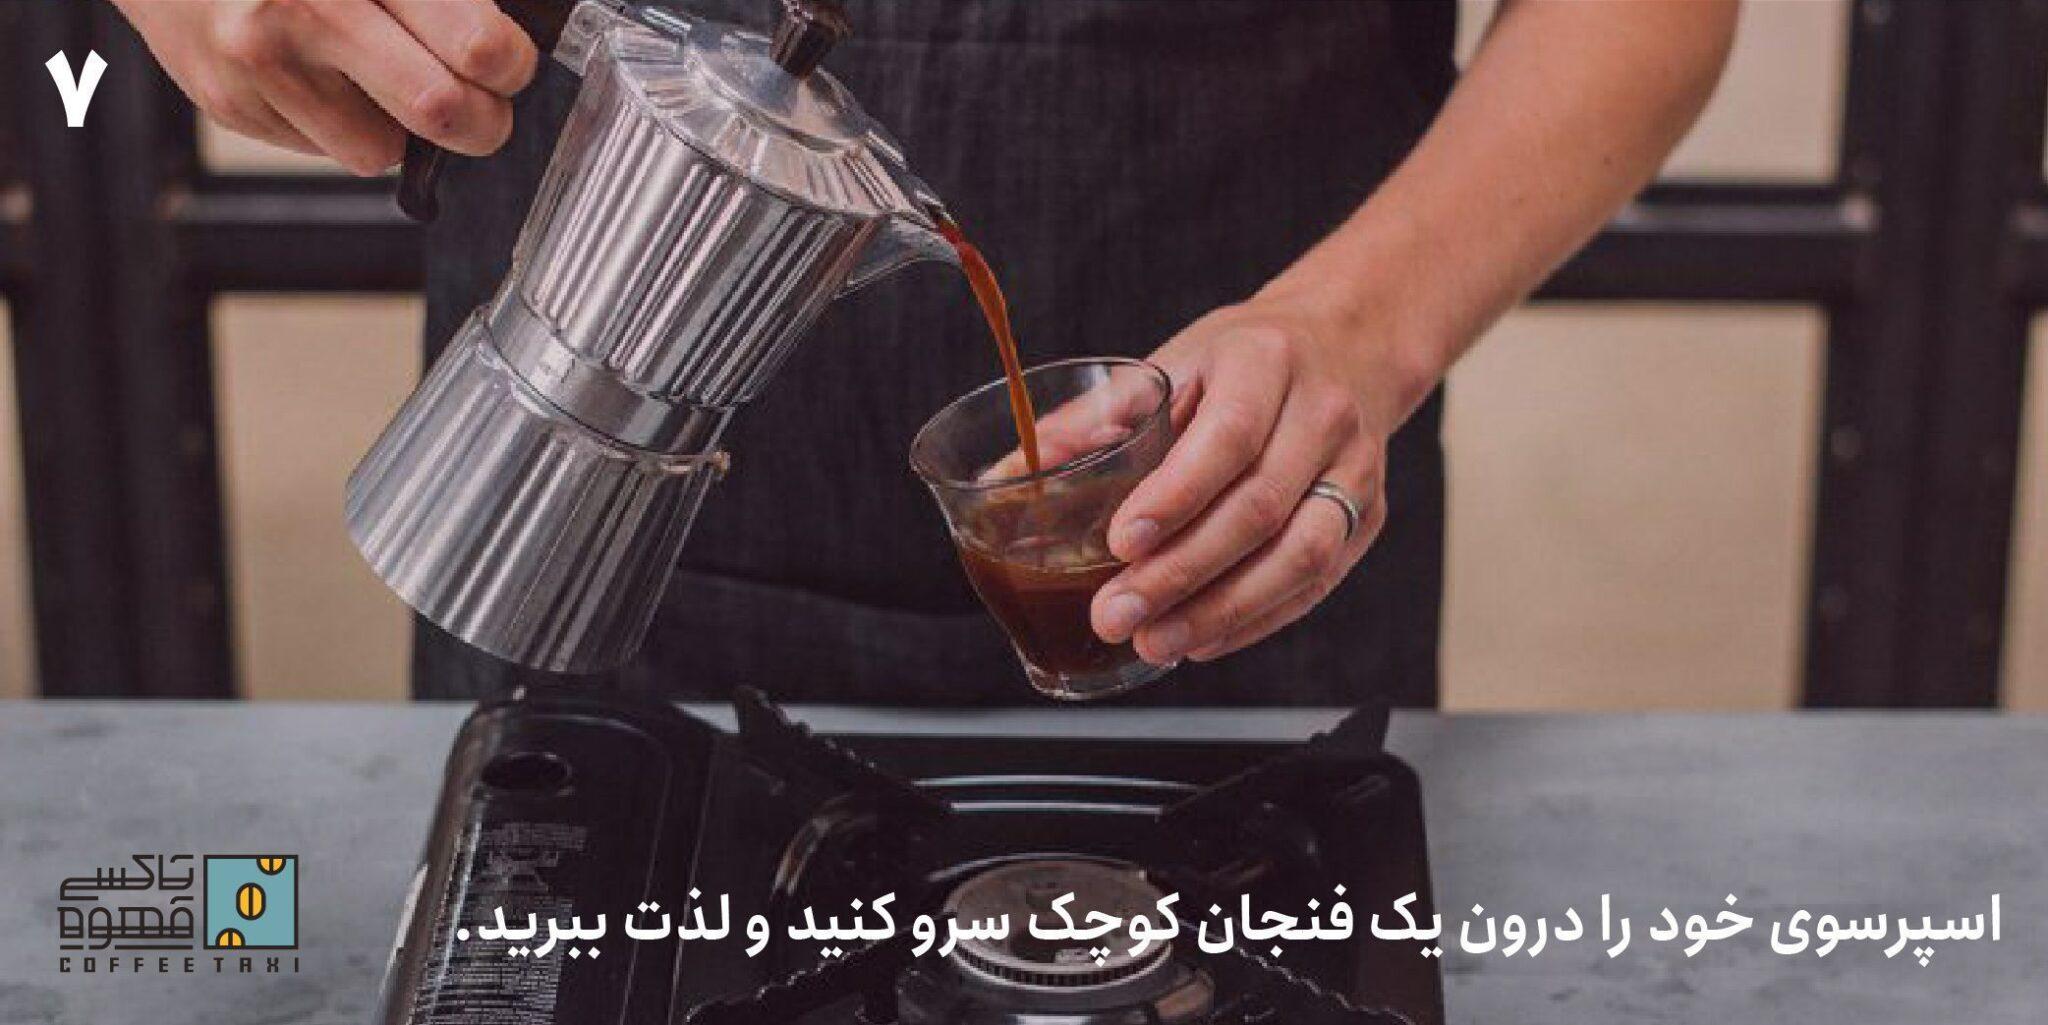 اسپرسوی خود را درون یک فنجان کوچک سرو کنید